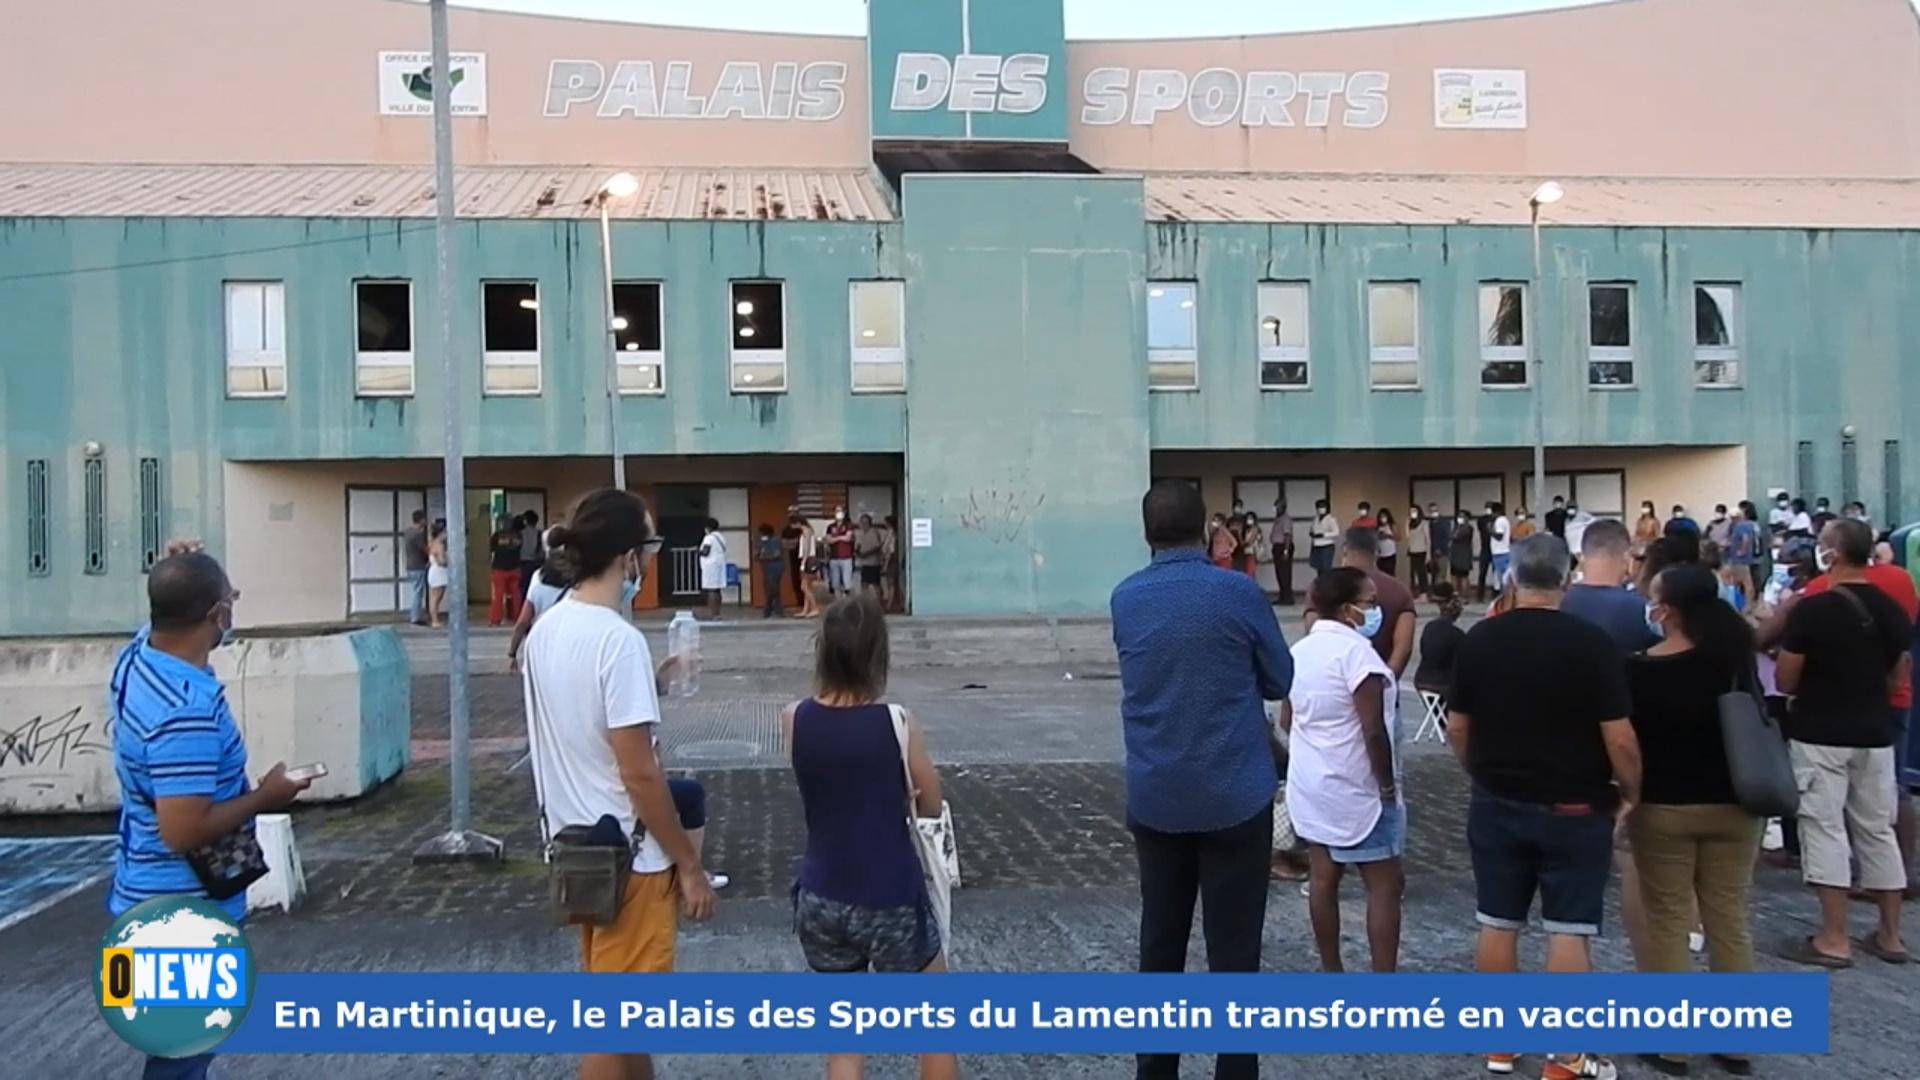 [Vidéo] Onews Martinique.Le Palais des Sports du lamentin transformé en vaccinodrome